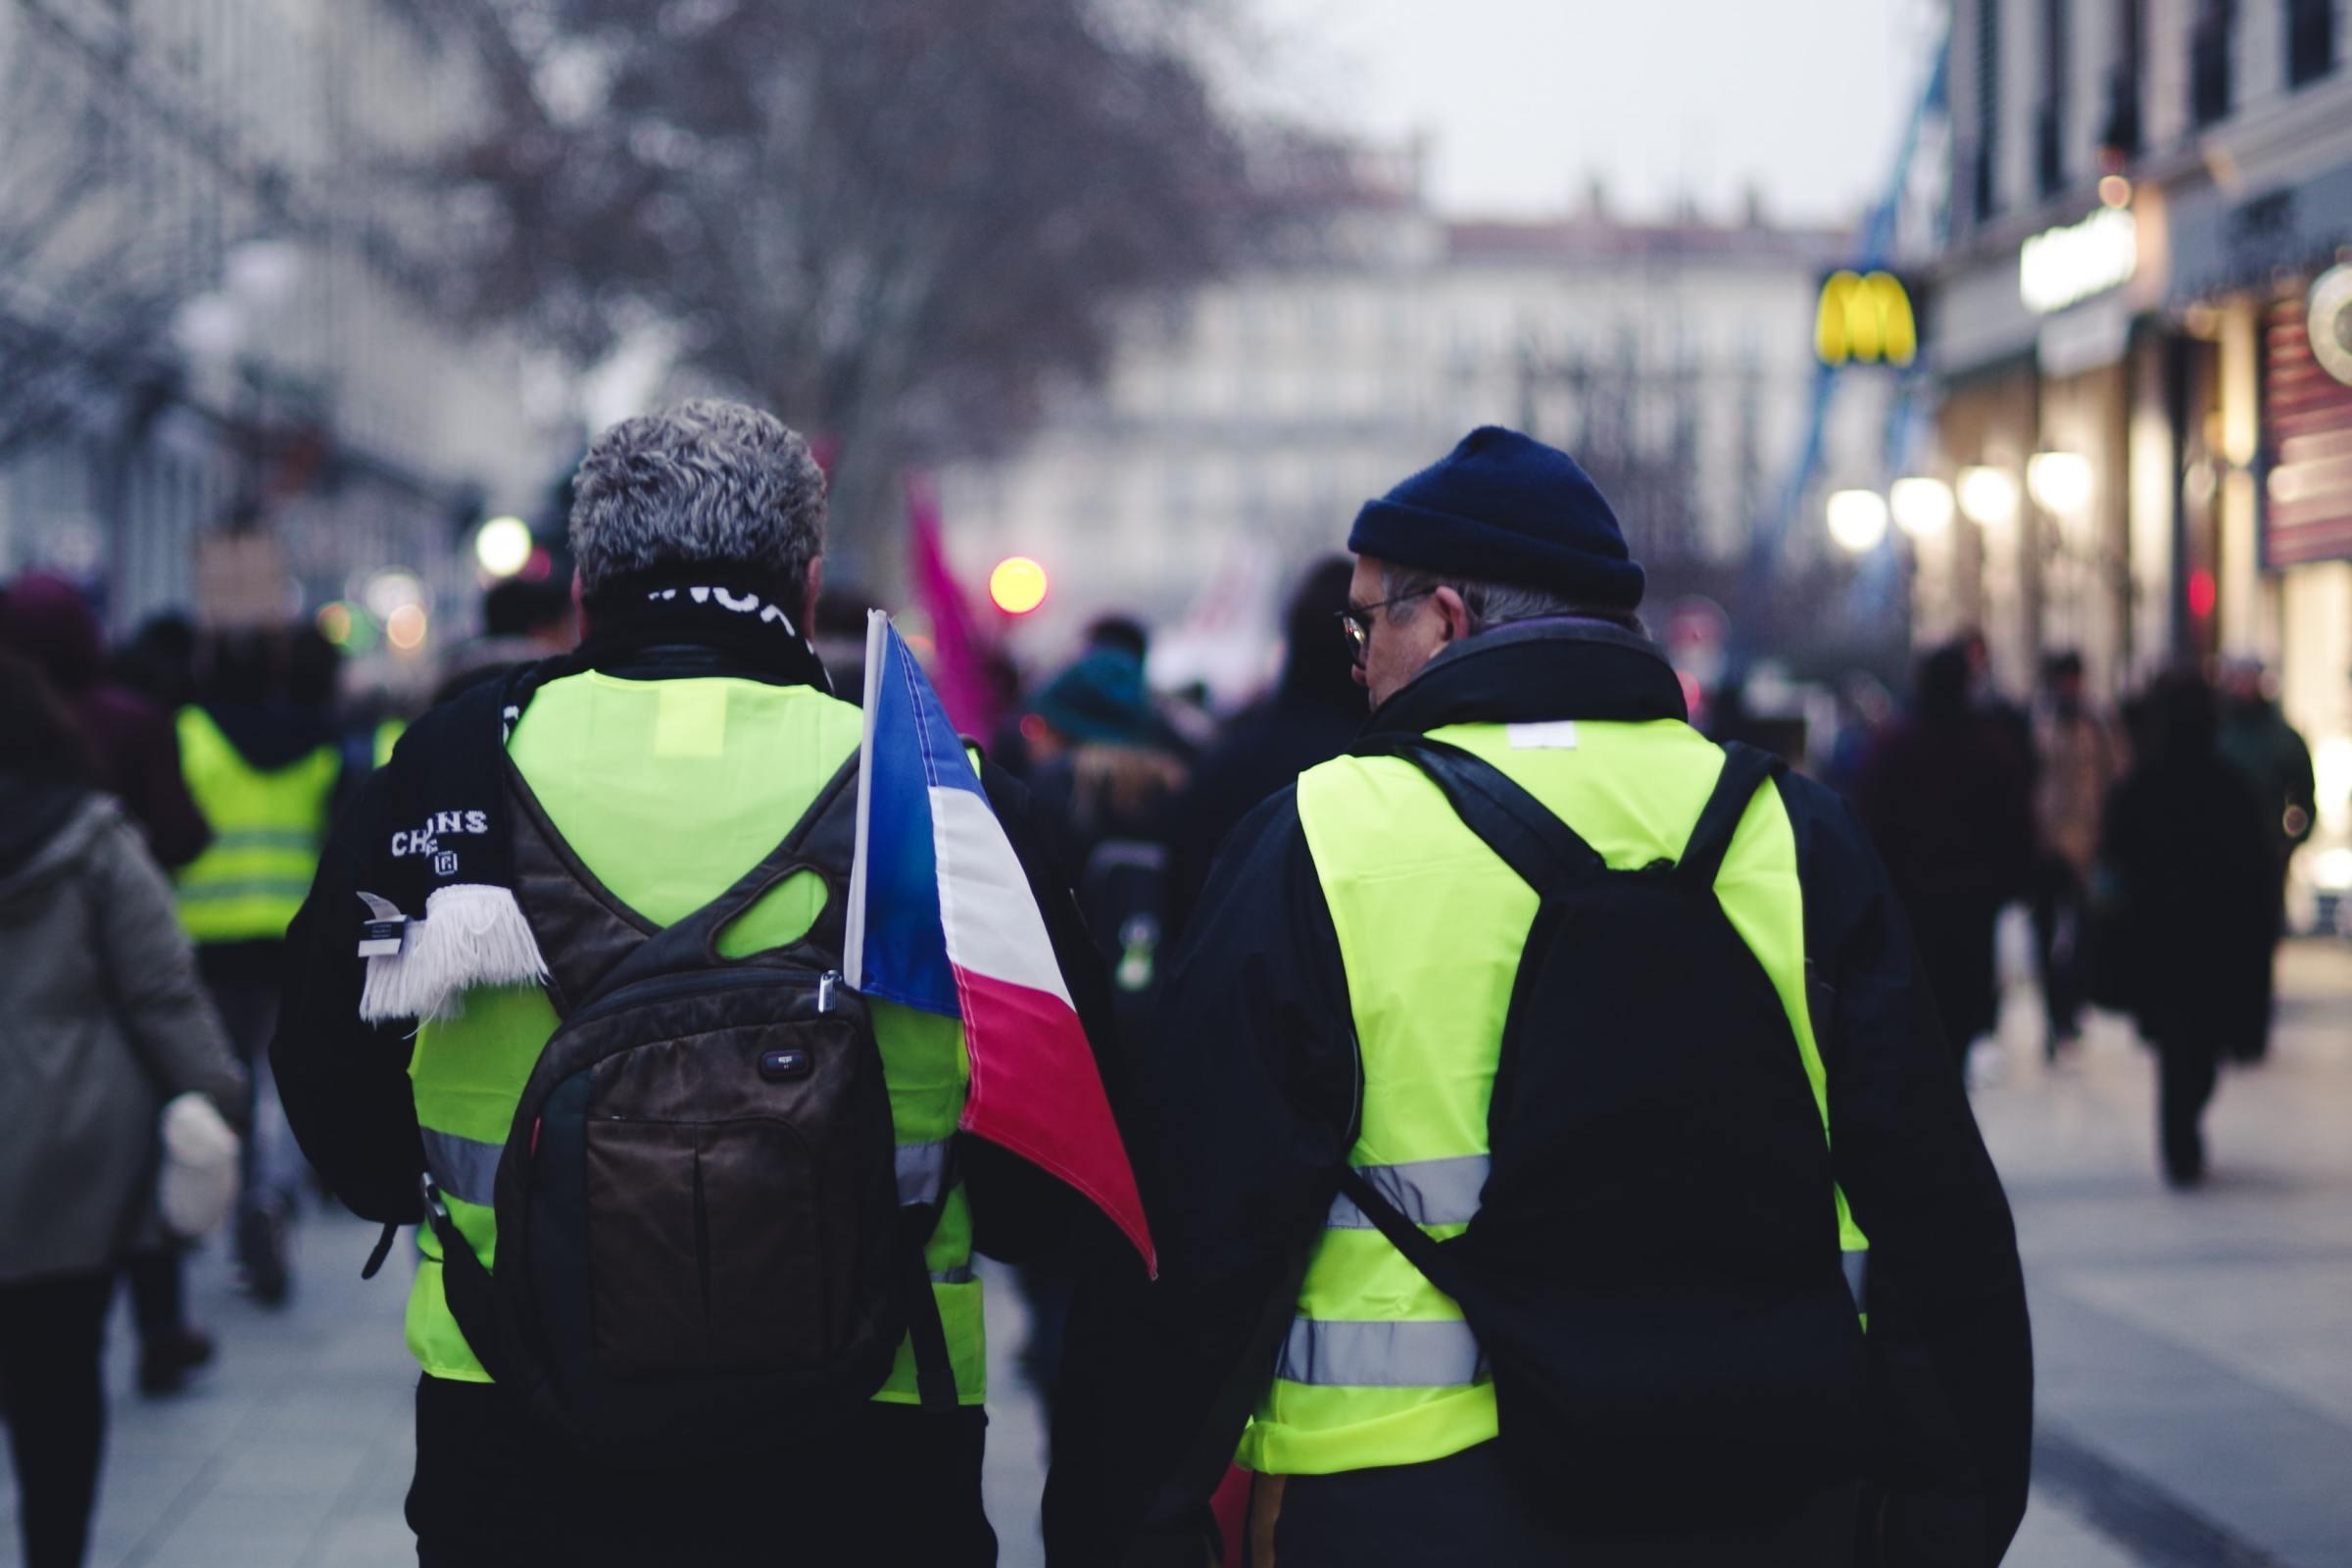 Deux gilets jaunes lors des manifestations en France pour réclamer des mesures sur la justice sociale et la transition écologique.